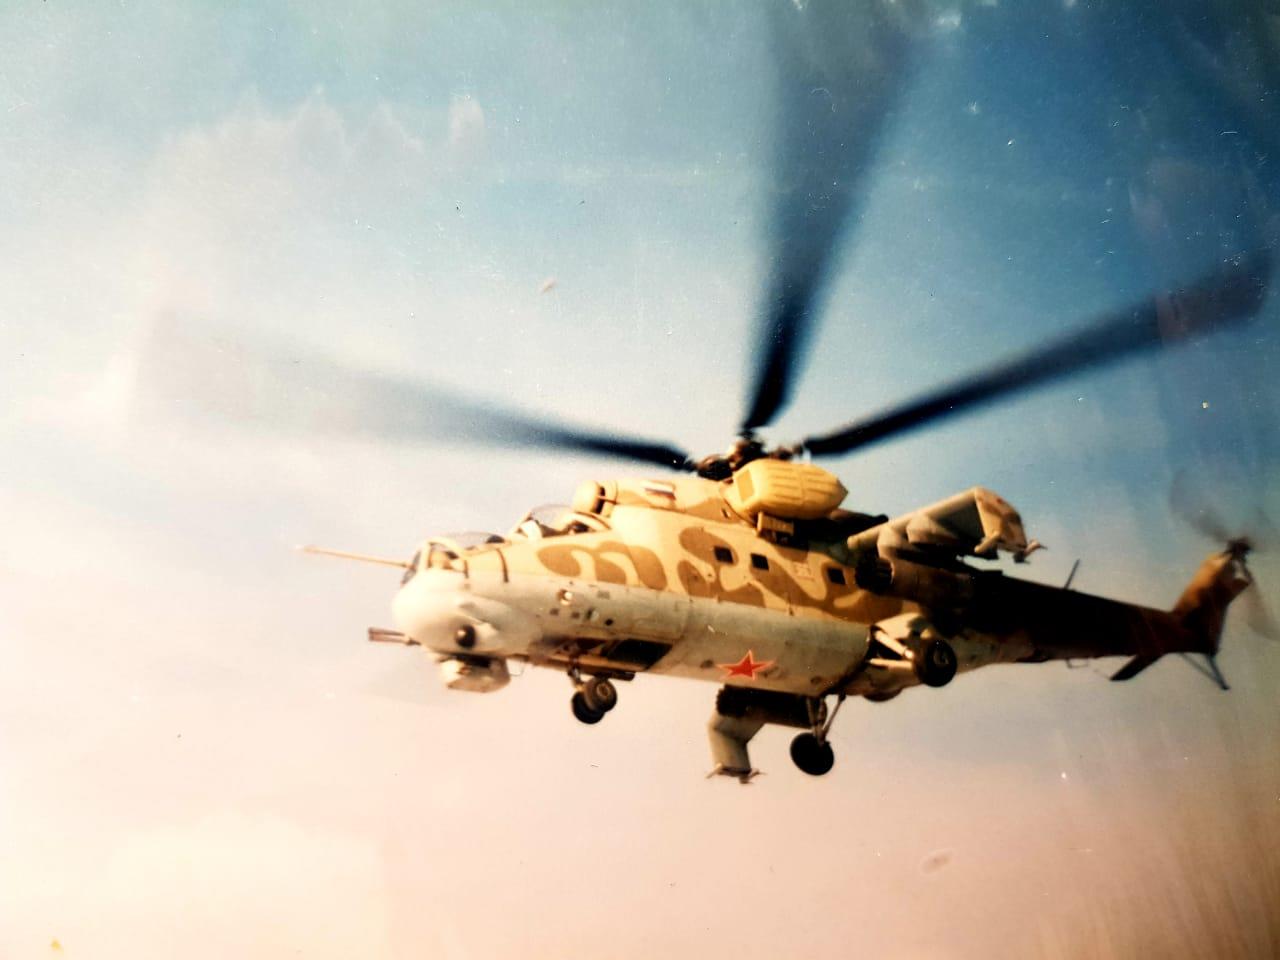 Уникальные фотографии: БТГР 3 ПДБ сажает вертолеты на площадку приземления